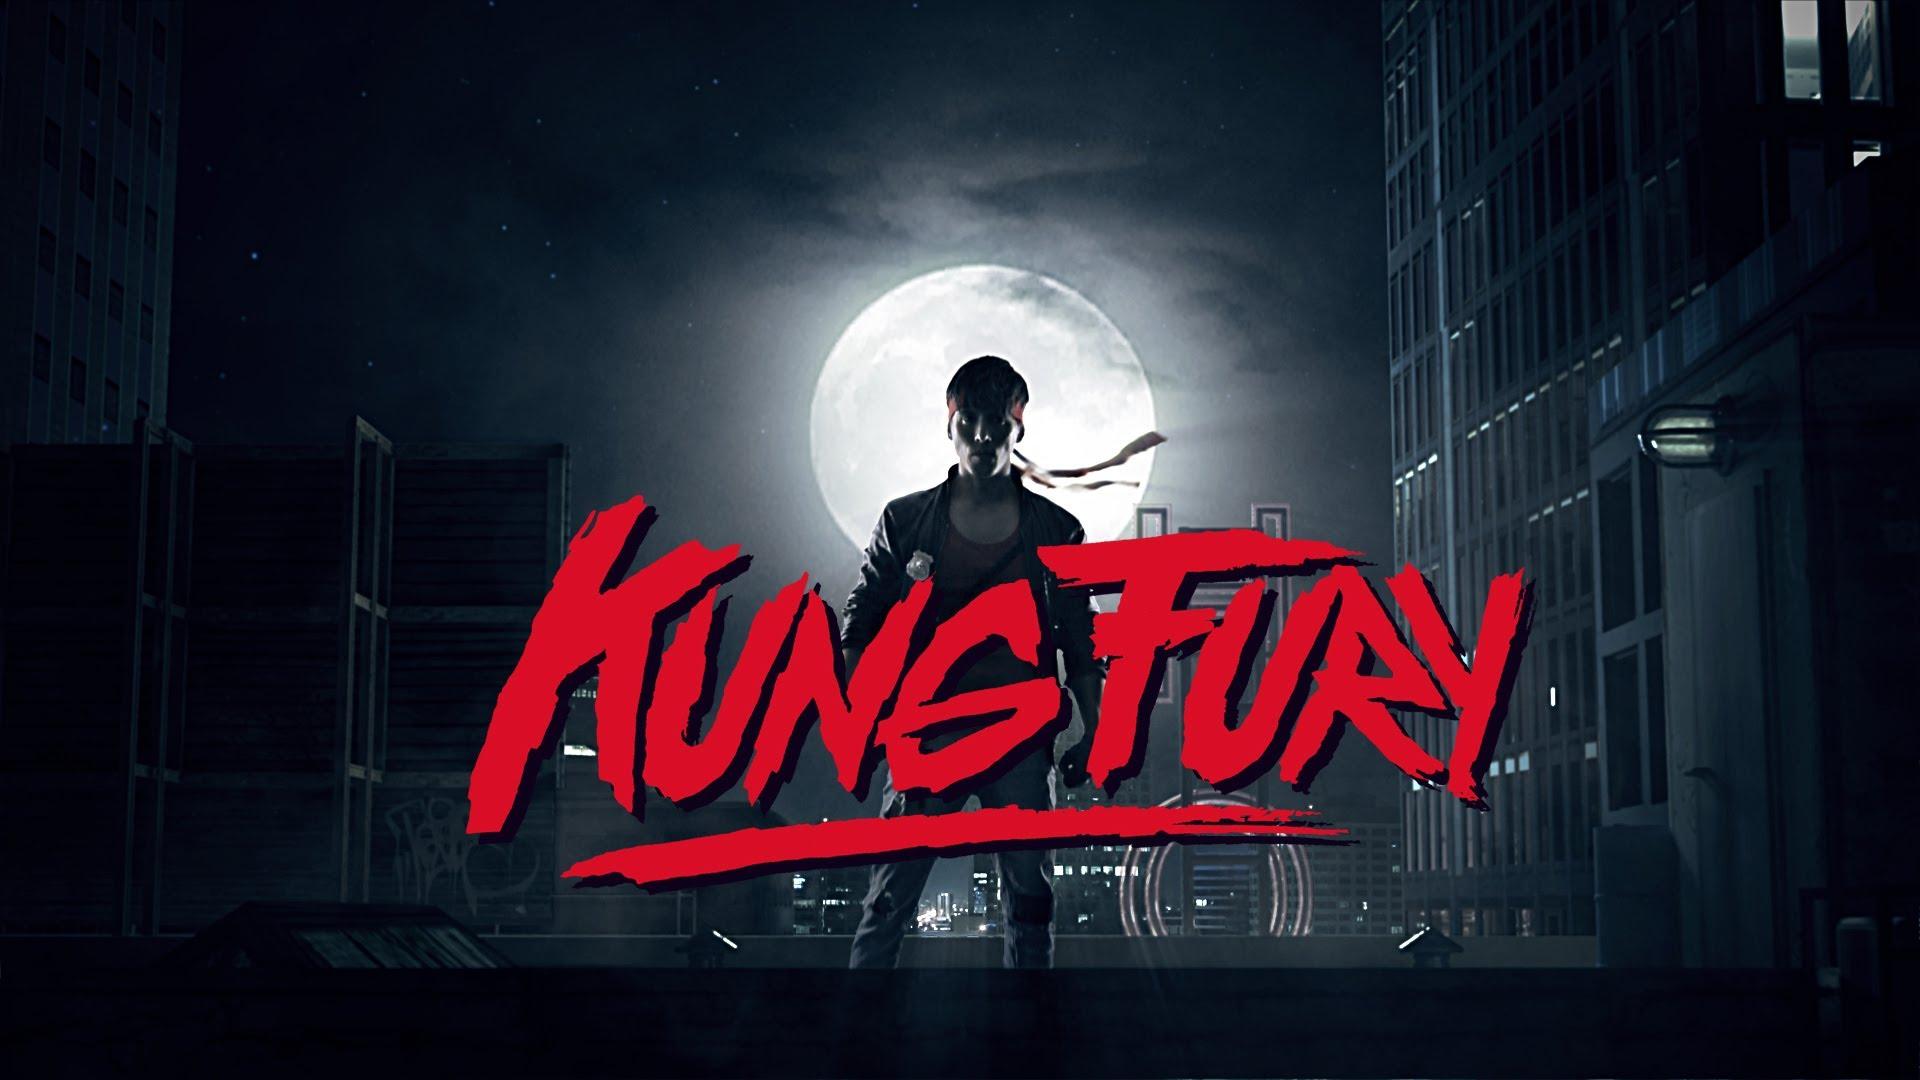 Galet och coolt filmprojekt – Kung fury trailer